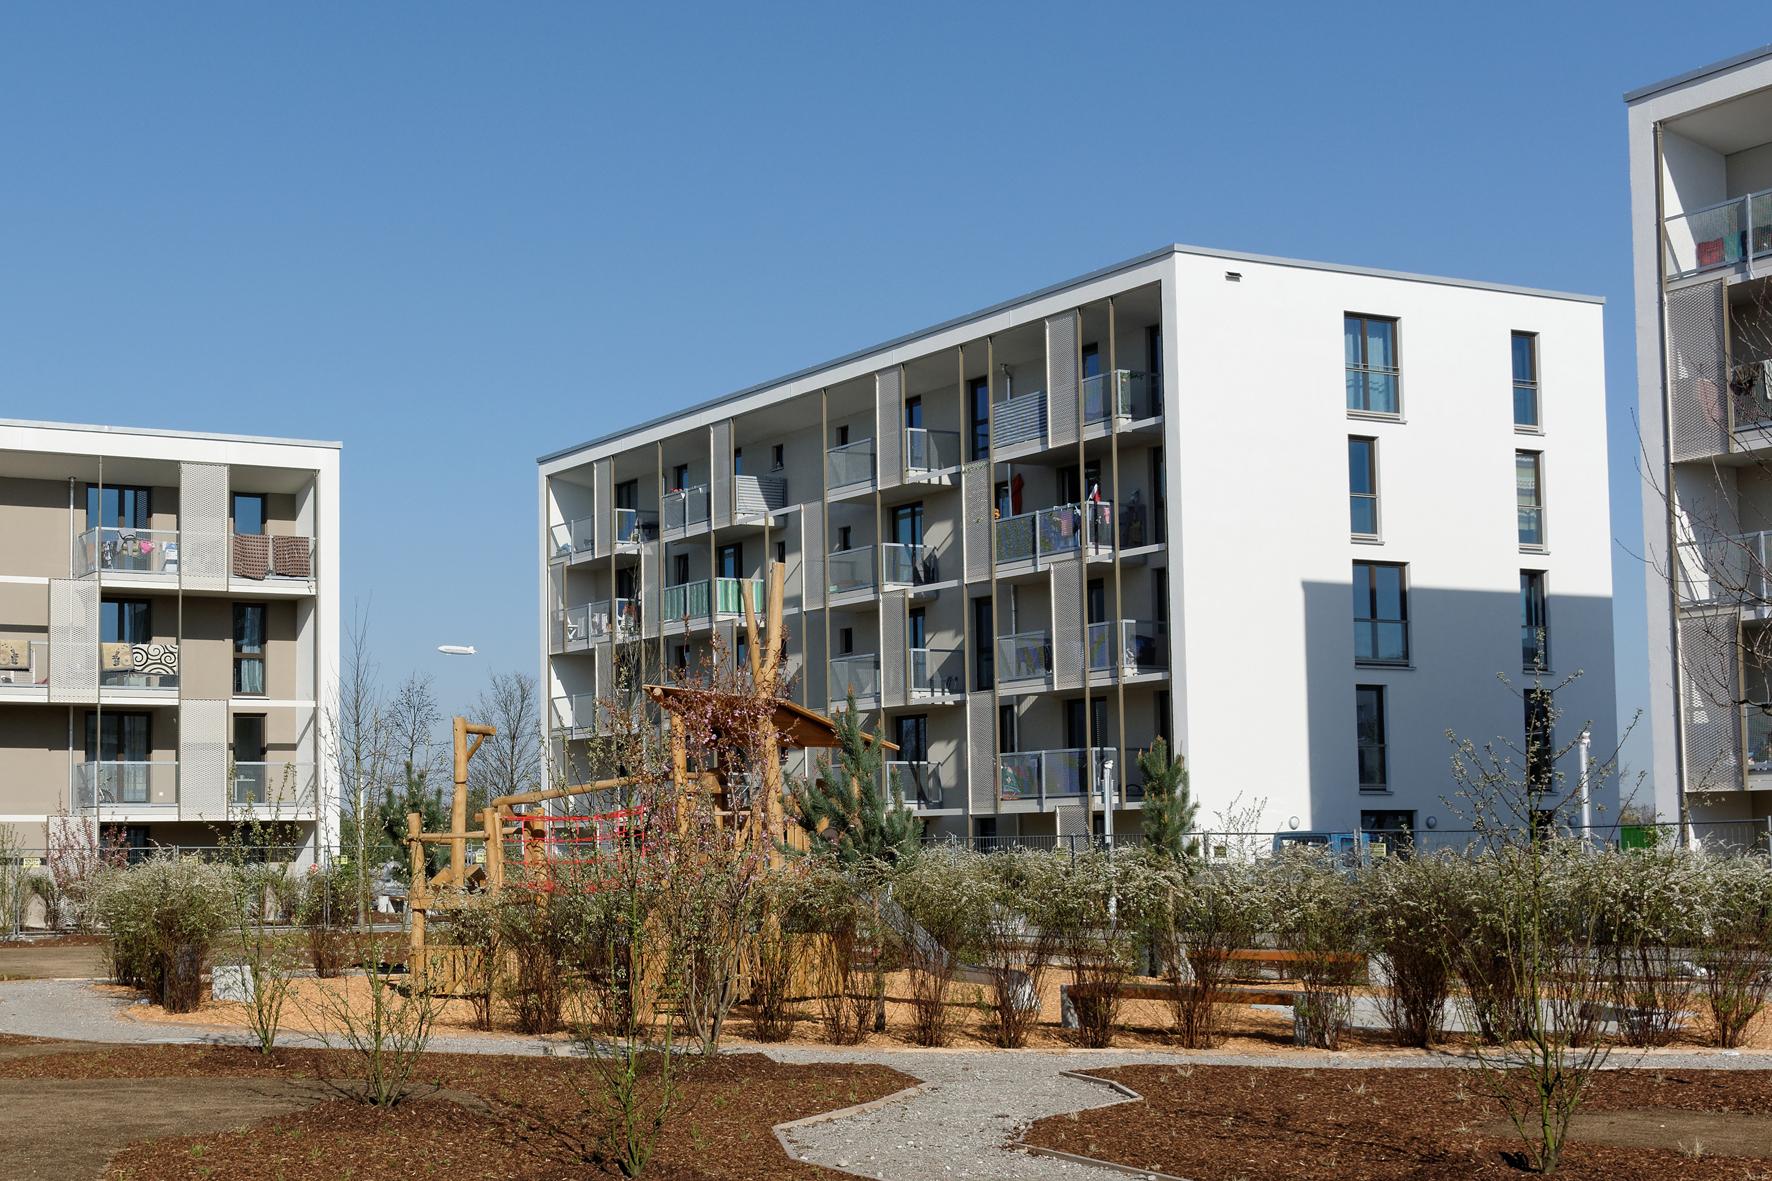 Gewofag Stellt Rund 200 Wohnungen In Der Messestadt Riem Fertig